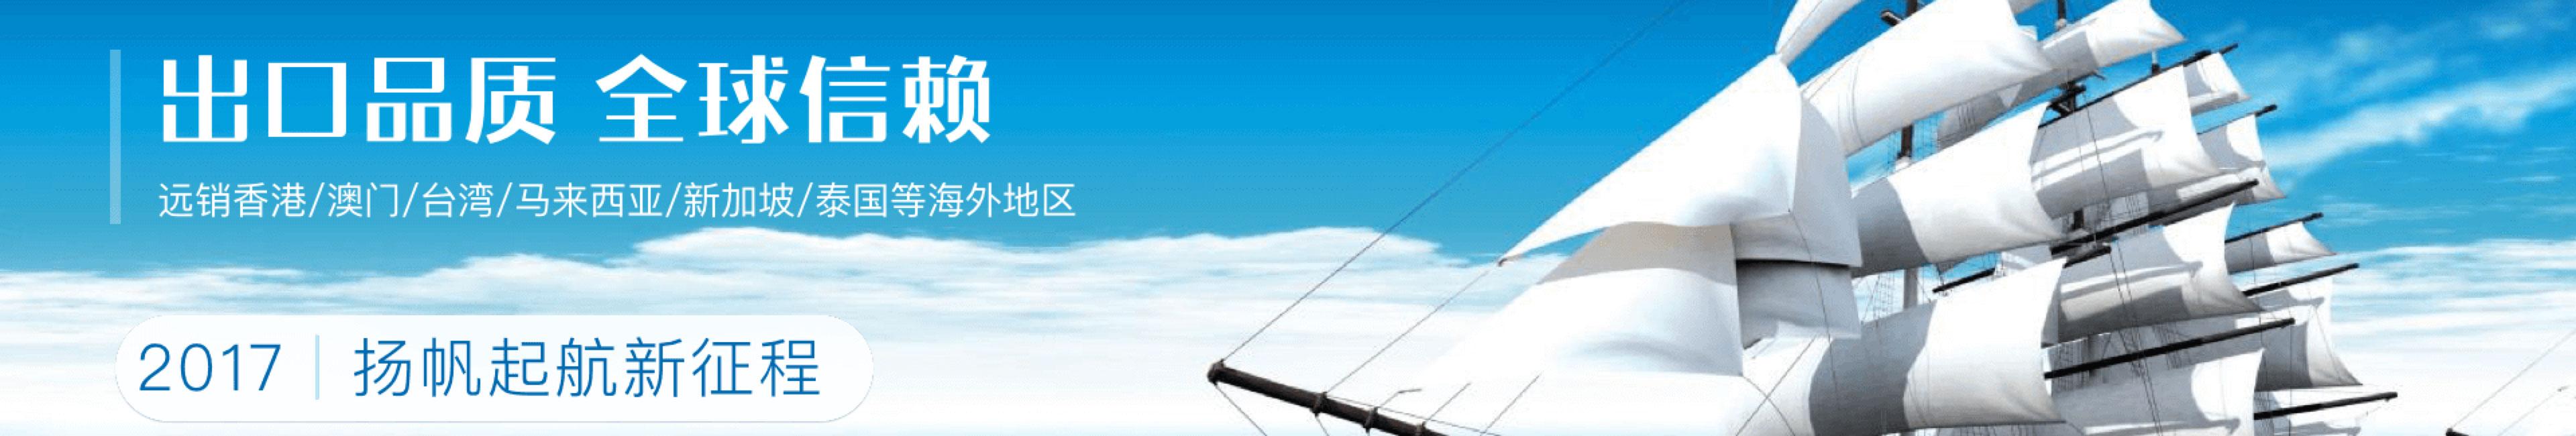 绕筋机滚笼机钢筋笼绕筋机钢筋笼滚笼机山东润科数控科技专业制造